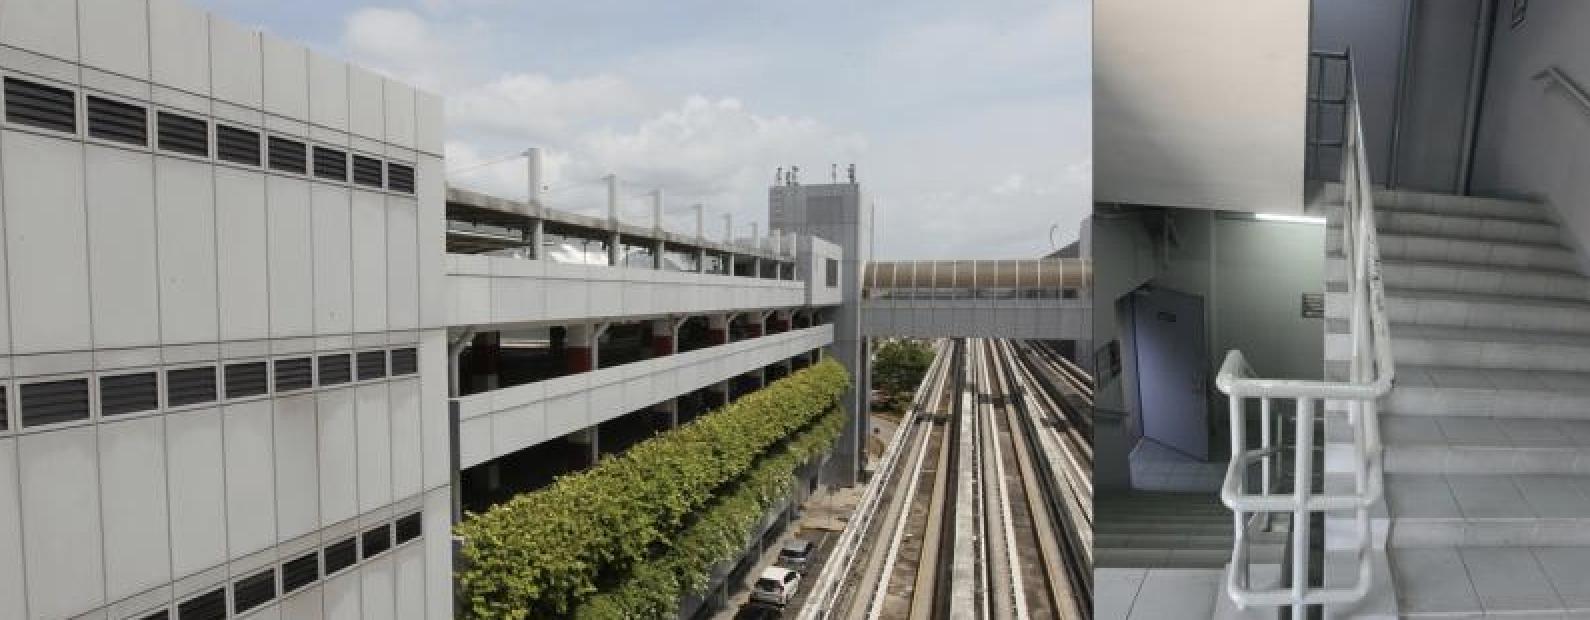 新加坡樟宜机场华人清洁工何故被人以极其残忍的手段杀害?-热点新加坡